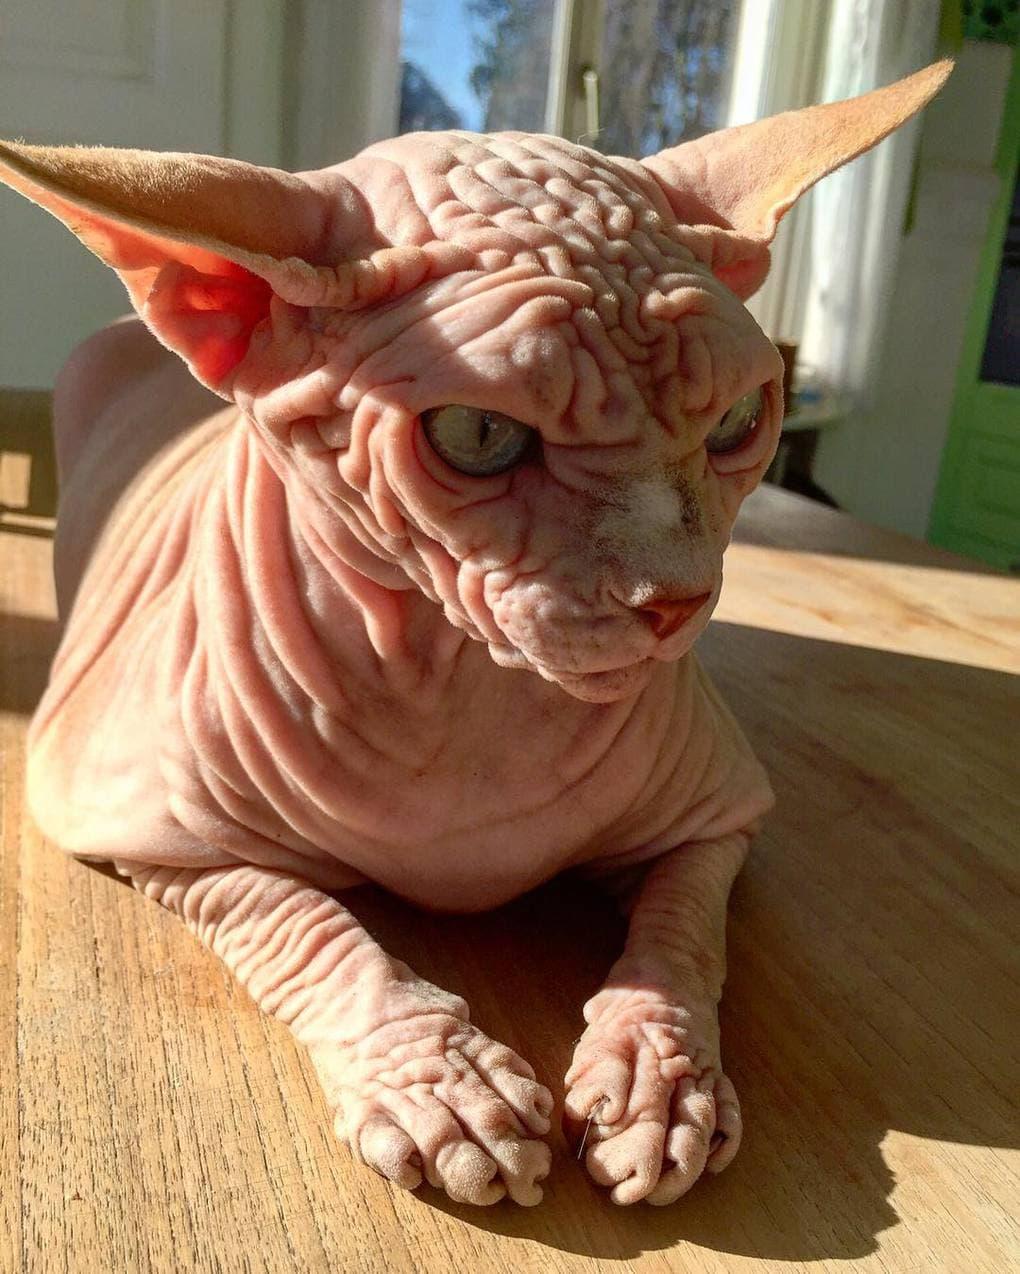 29092587 735409559986935 5126067369269002240 n - Этот кот хоть и выглядит сурово, но доброты в нём столько же, сколько морщинок на шкуре